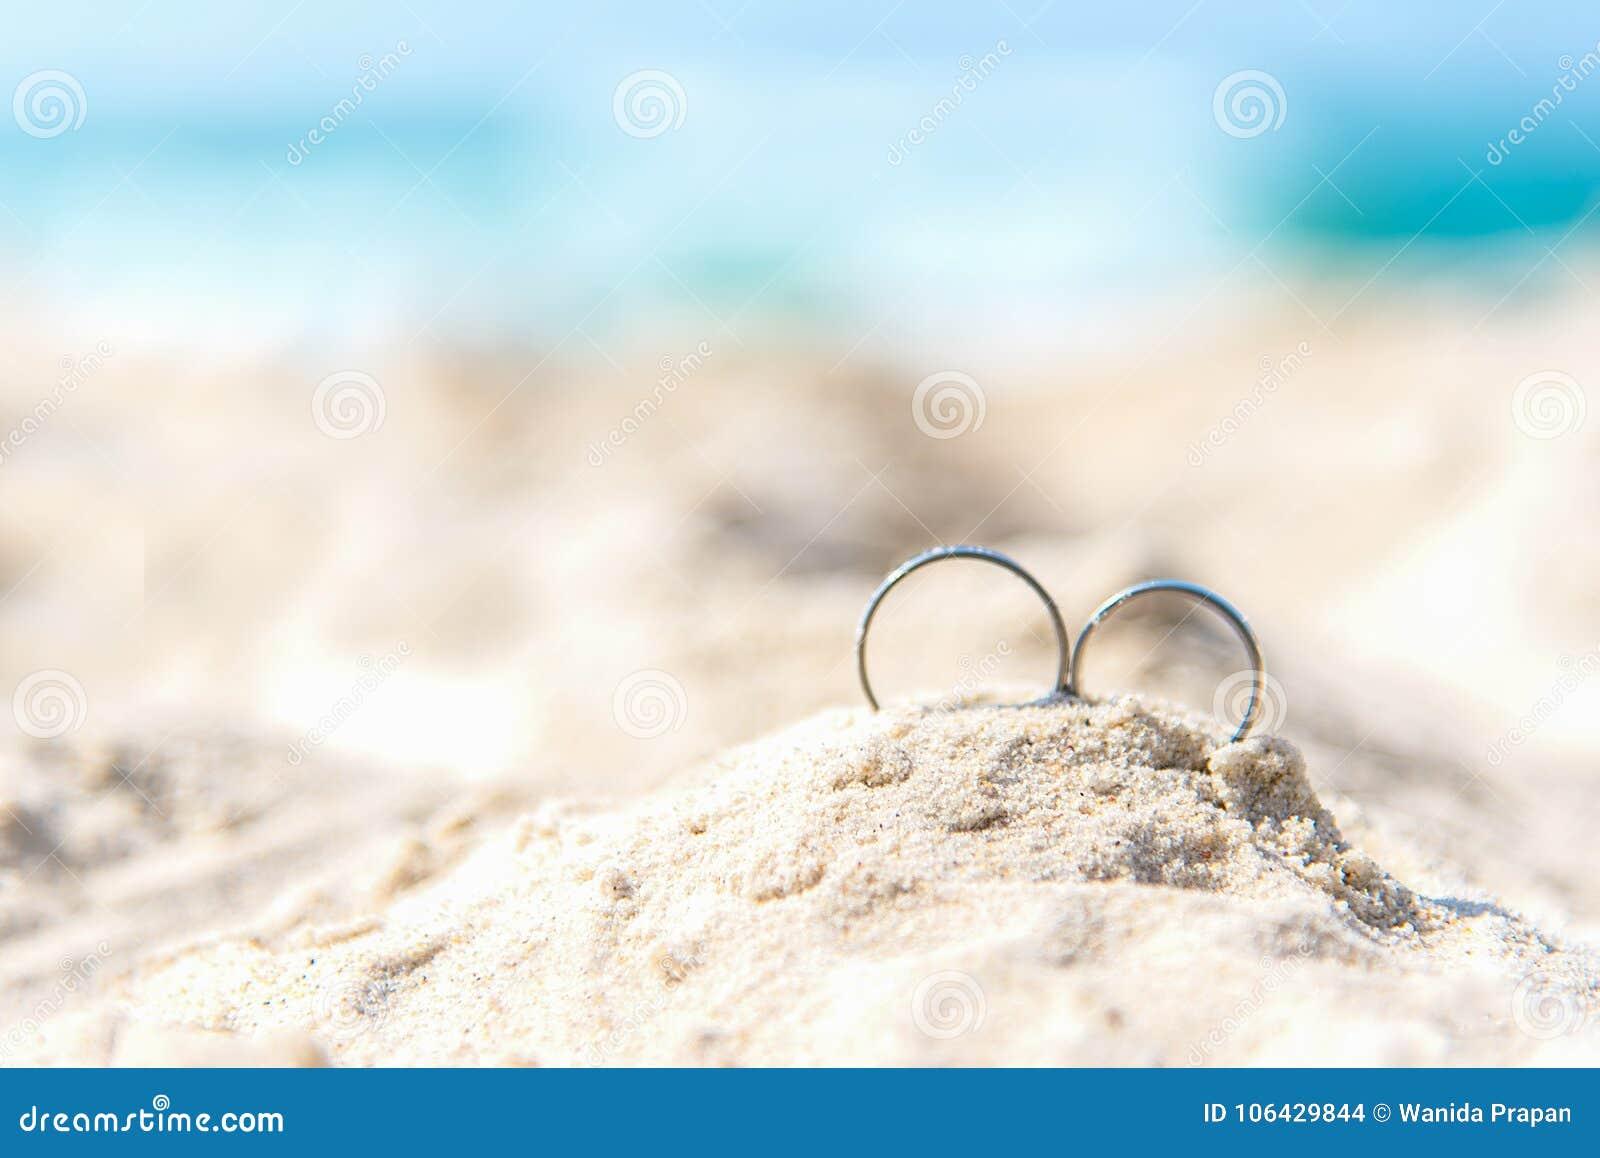 Обручальные кольца для любовника пар на песчаном пляже Обручальные кольца в каникулах медового месяца в тропиках сердце принципиа